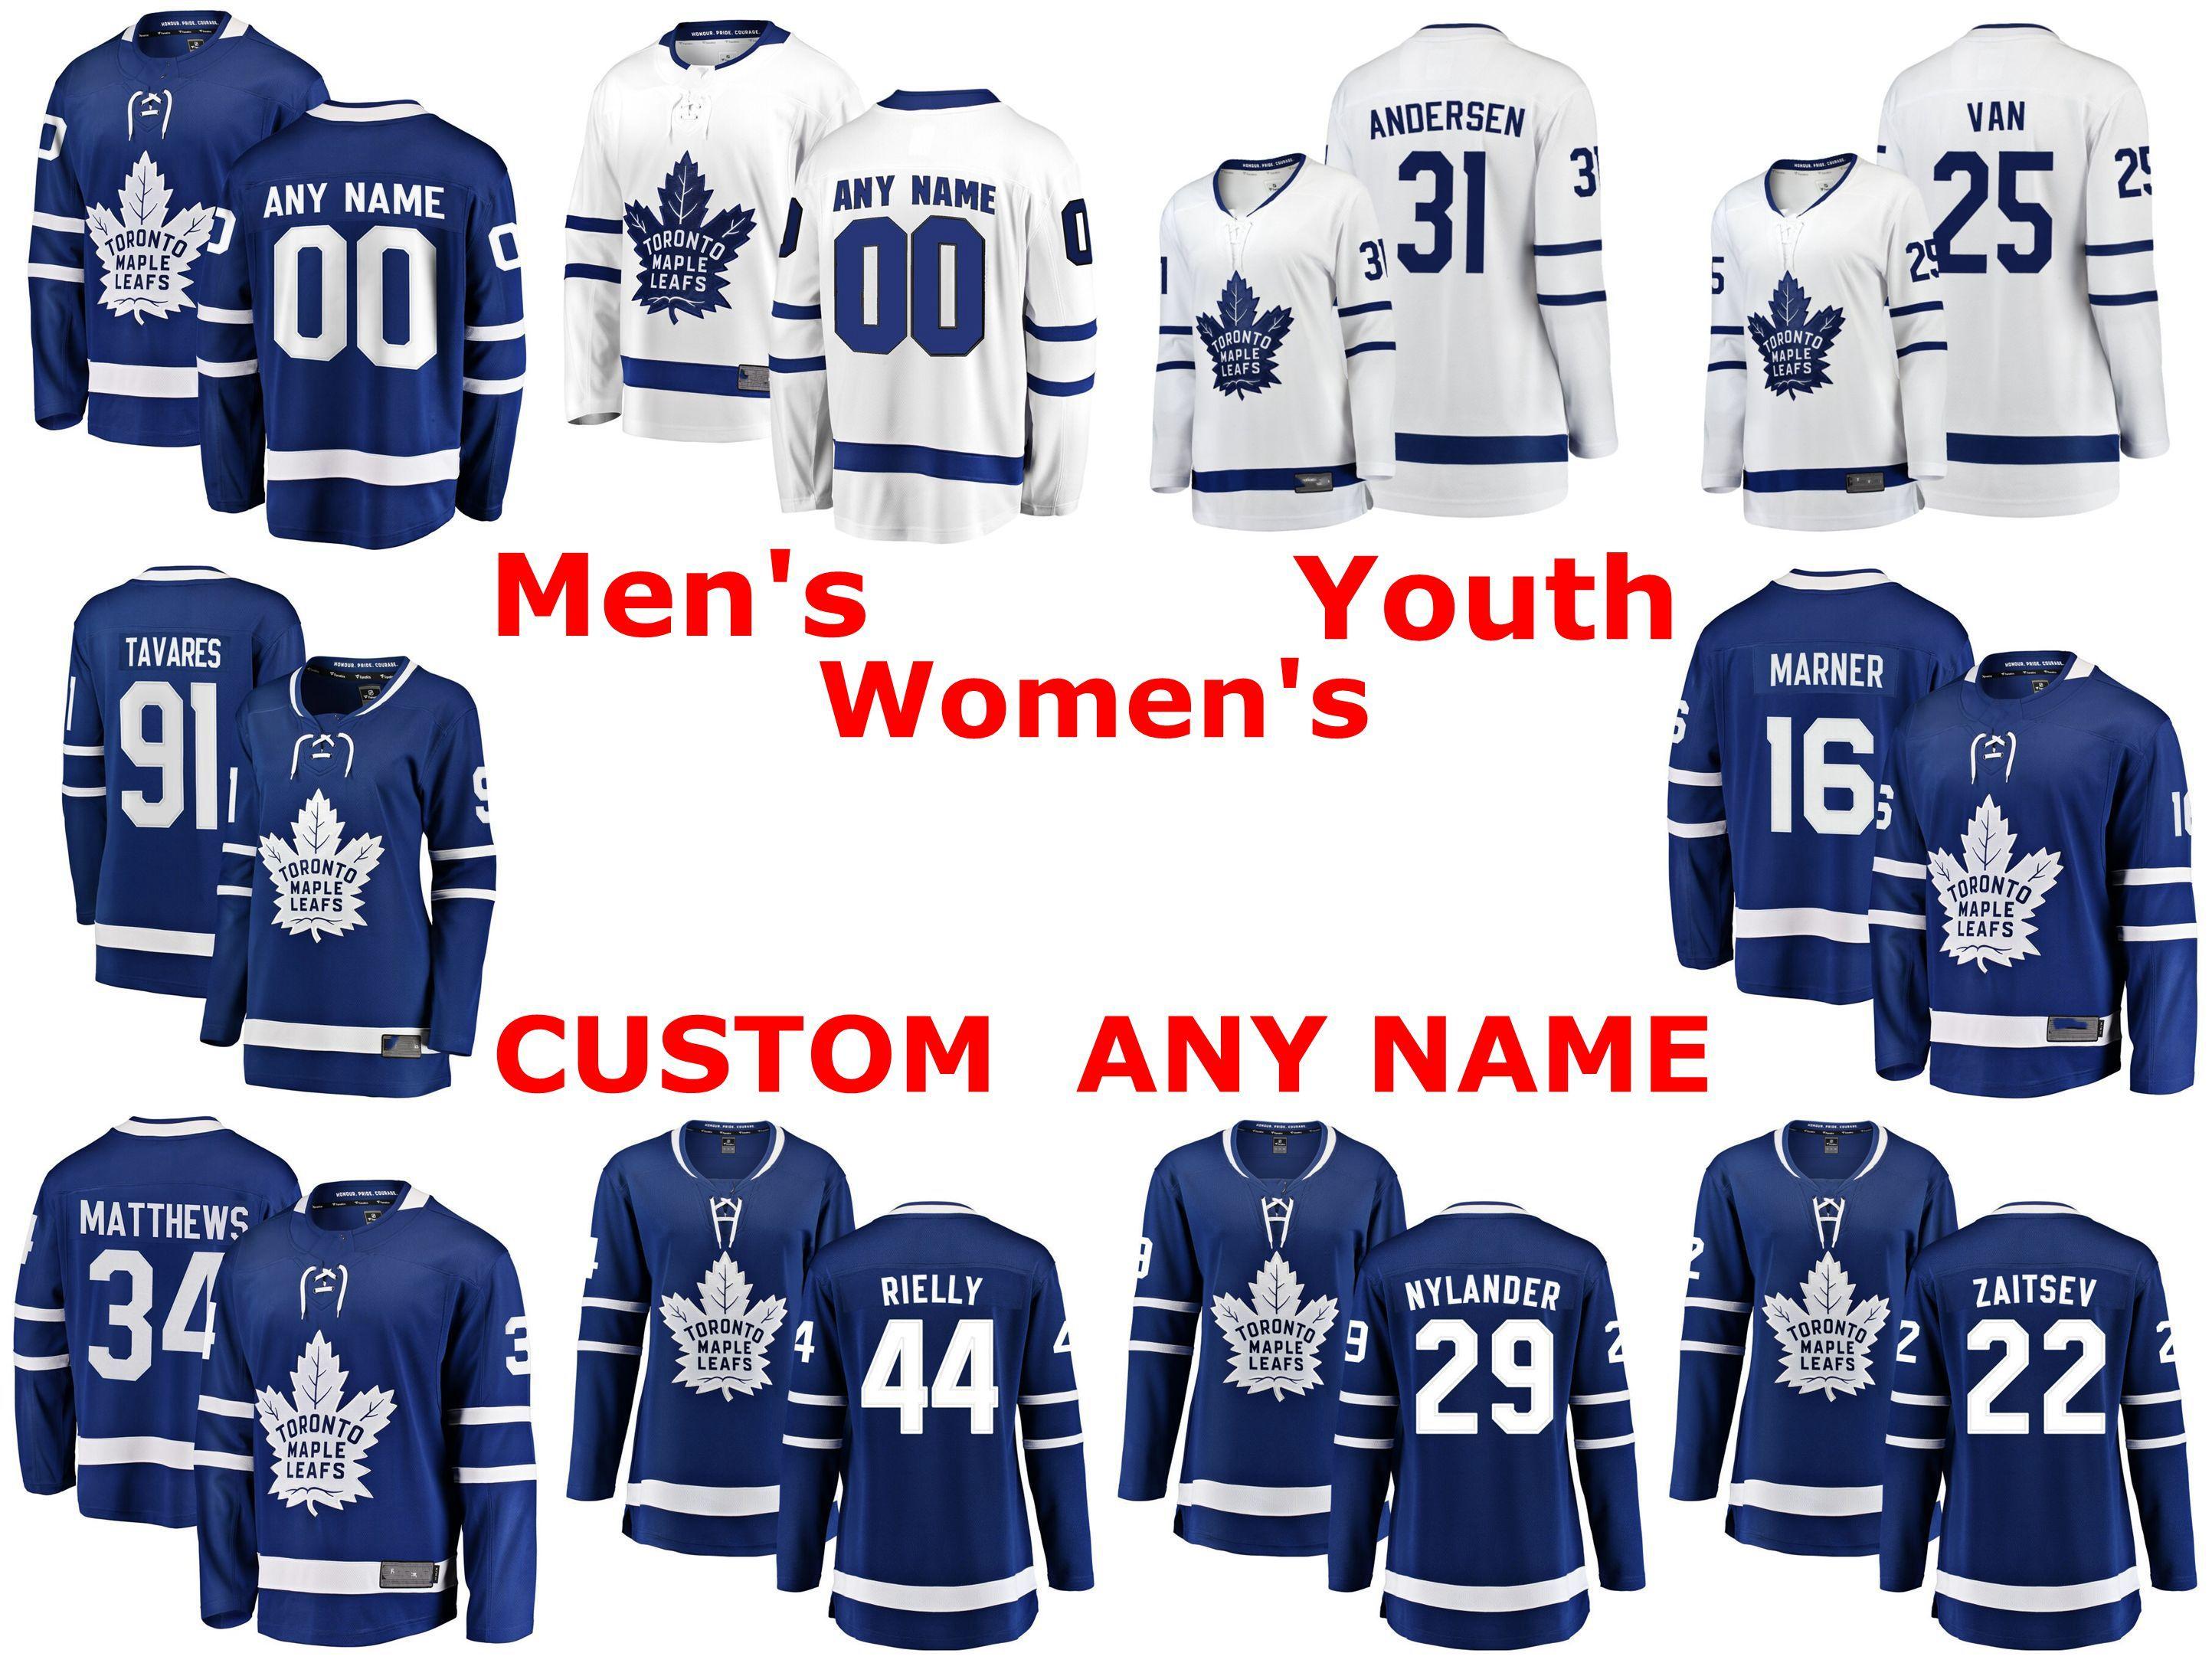 Toronto Maple Leafs Jerseys Frederik Andersen Jersey James van Riemsdyk John Tavares Mitchell Marner Auston Matthews Custom Hockey Jerseys